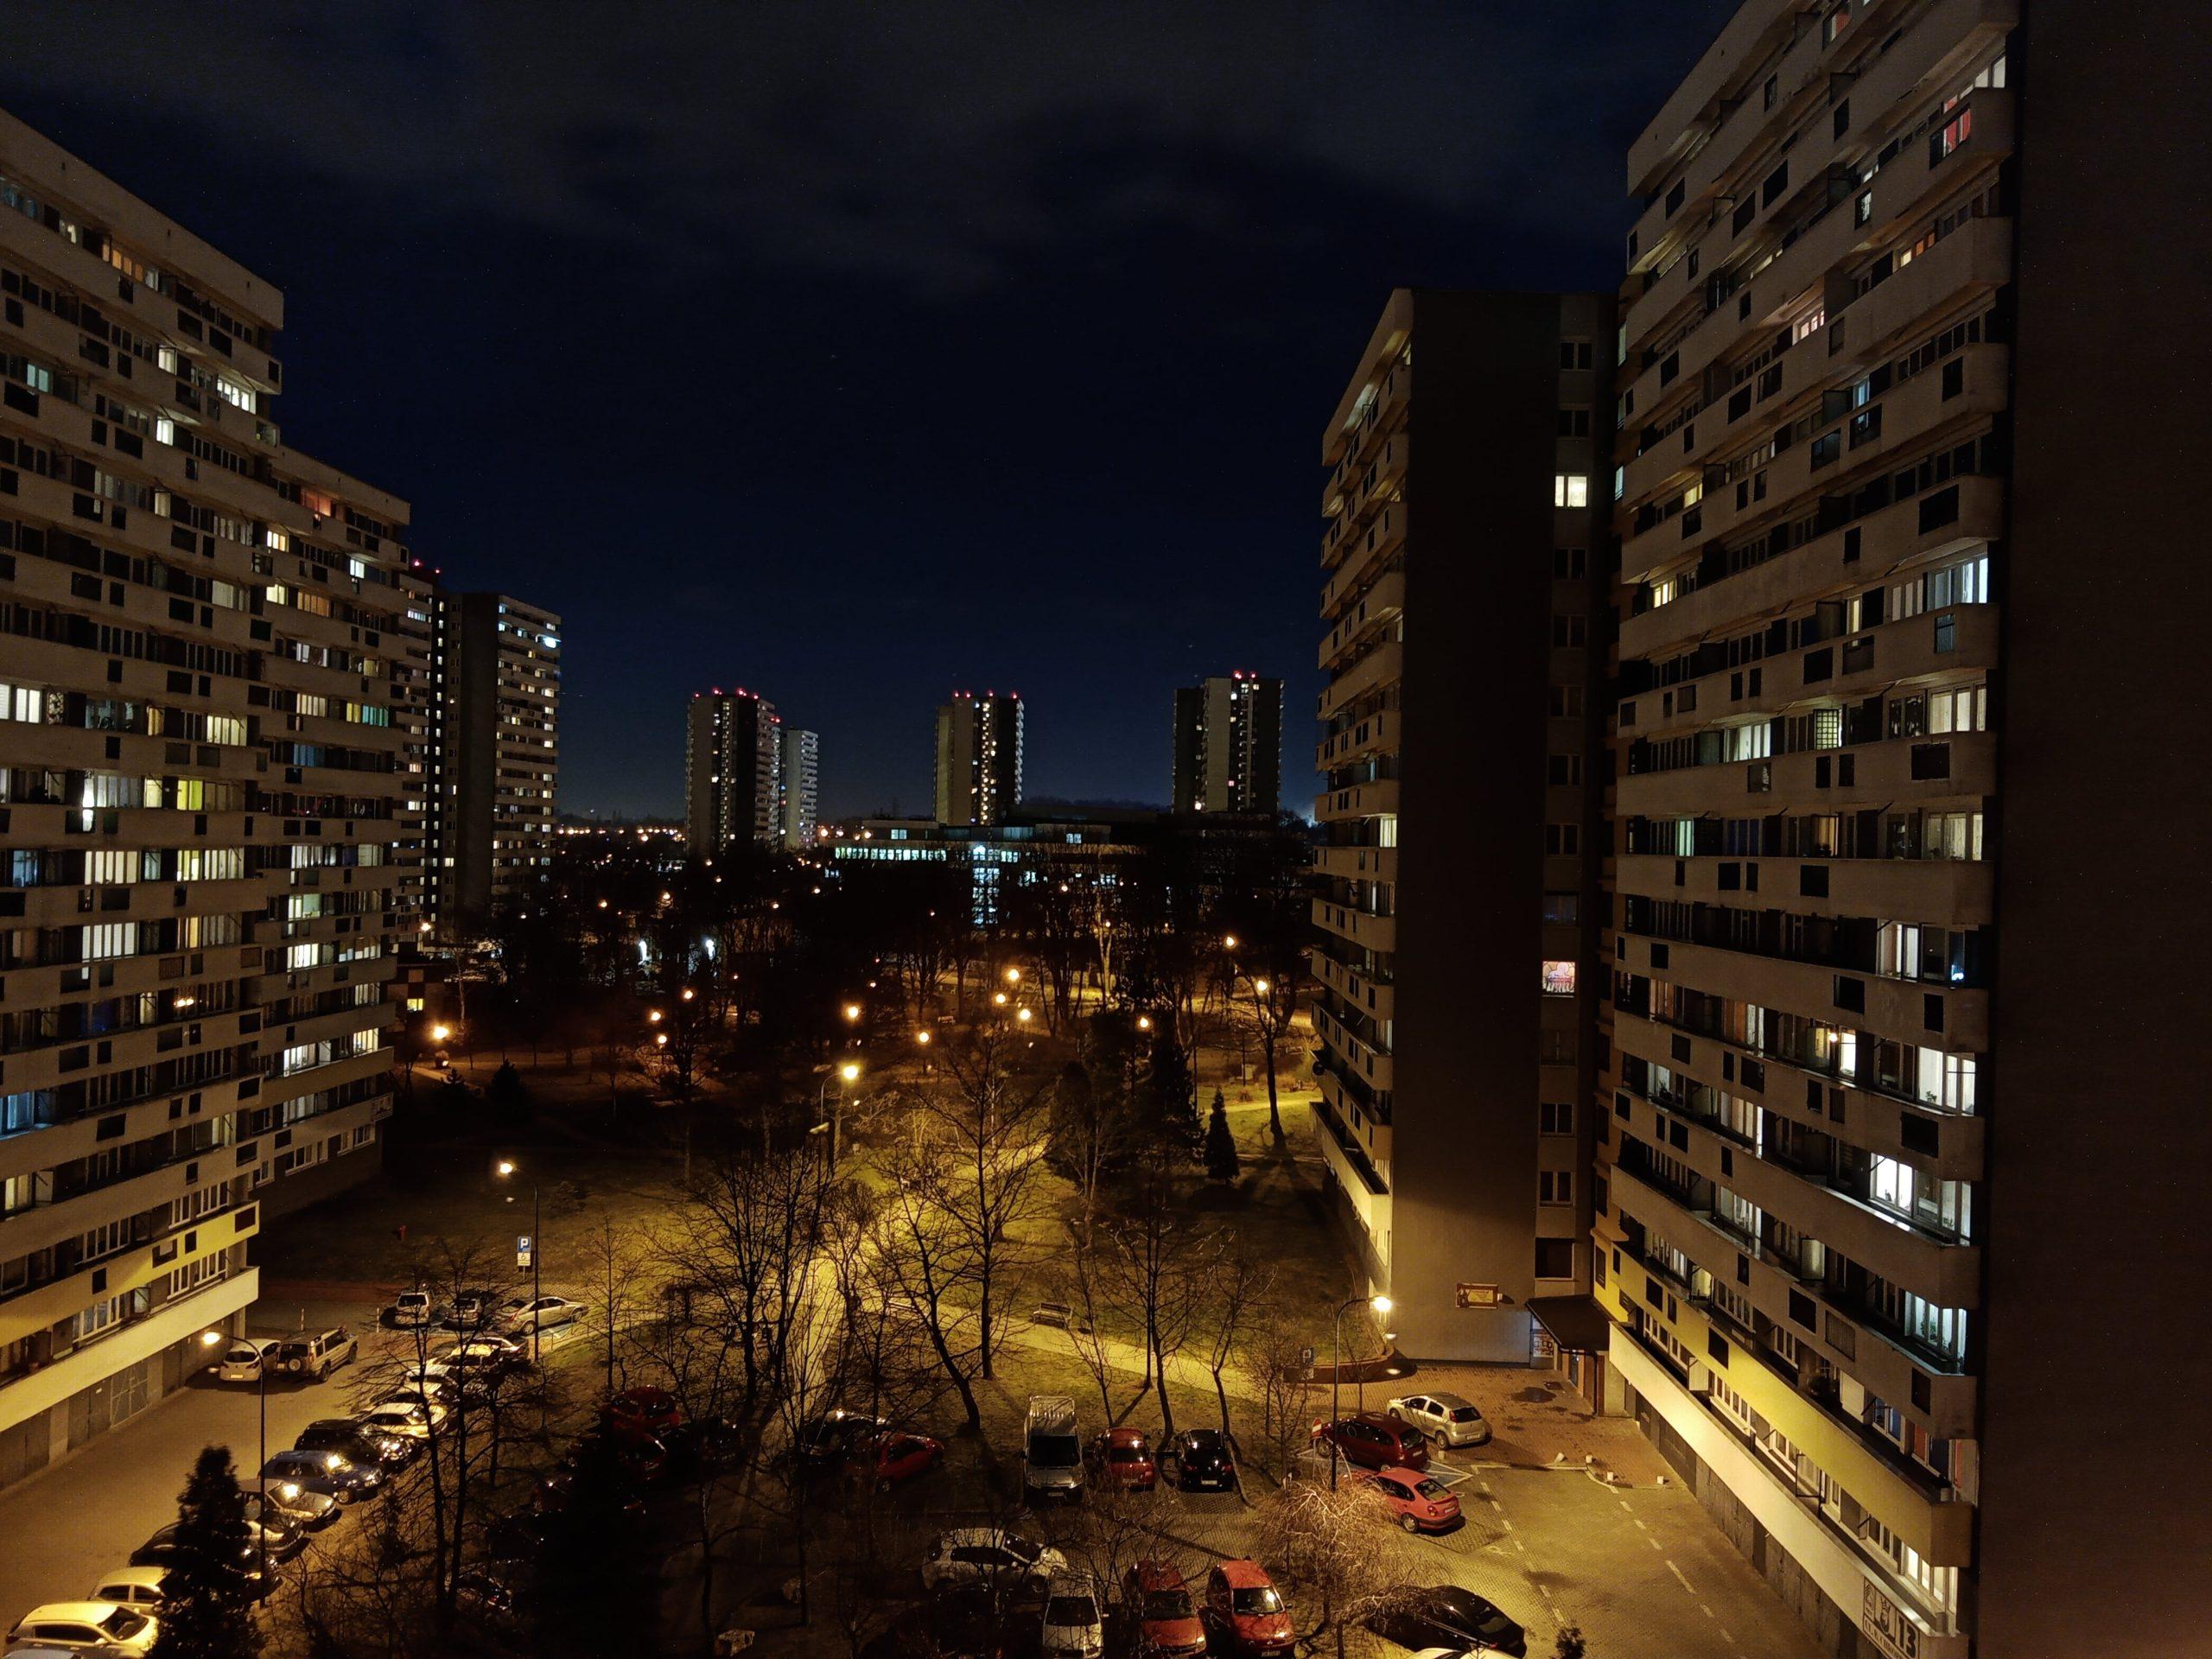 Zdjęcia nocne - Huawei Y6s